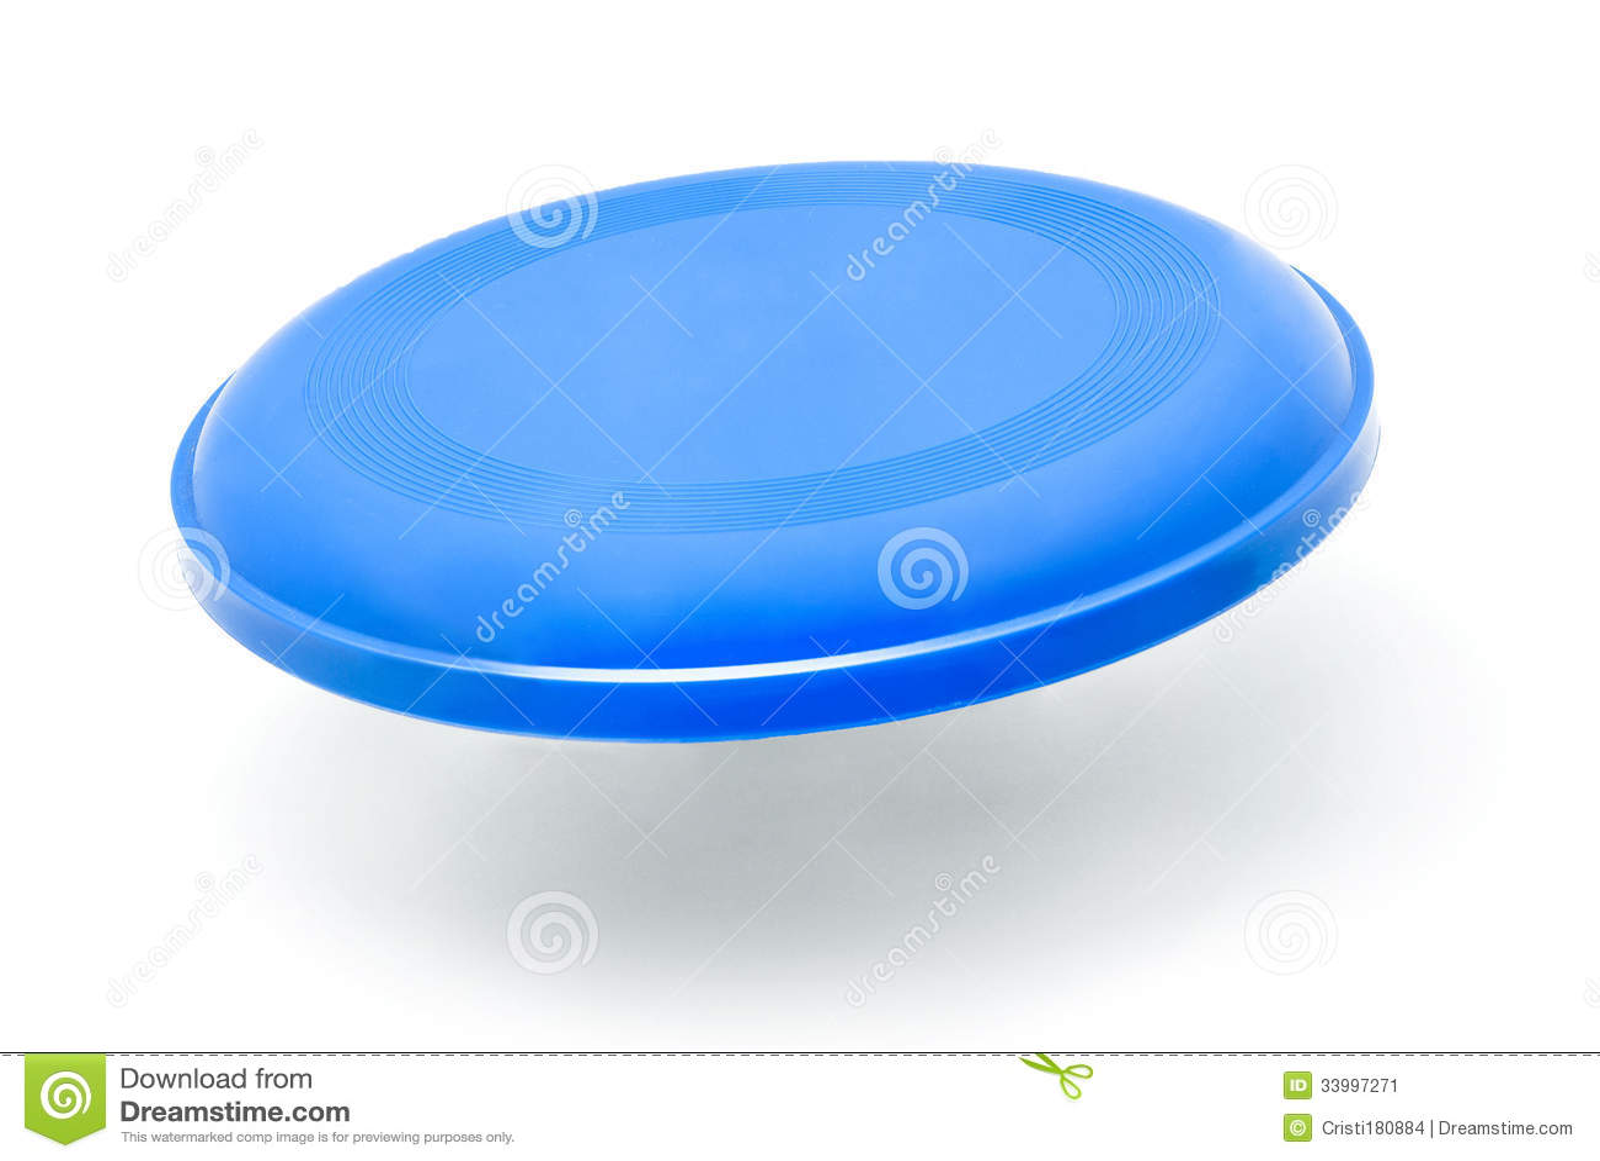 Frisbee Stock Image - Image: 33997271